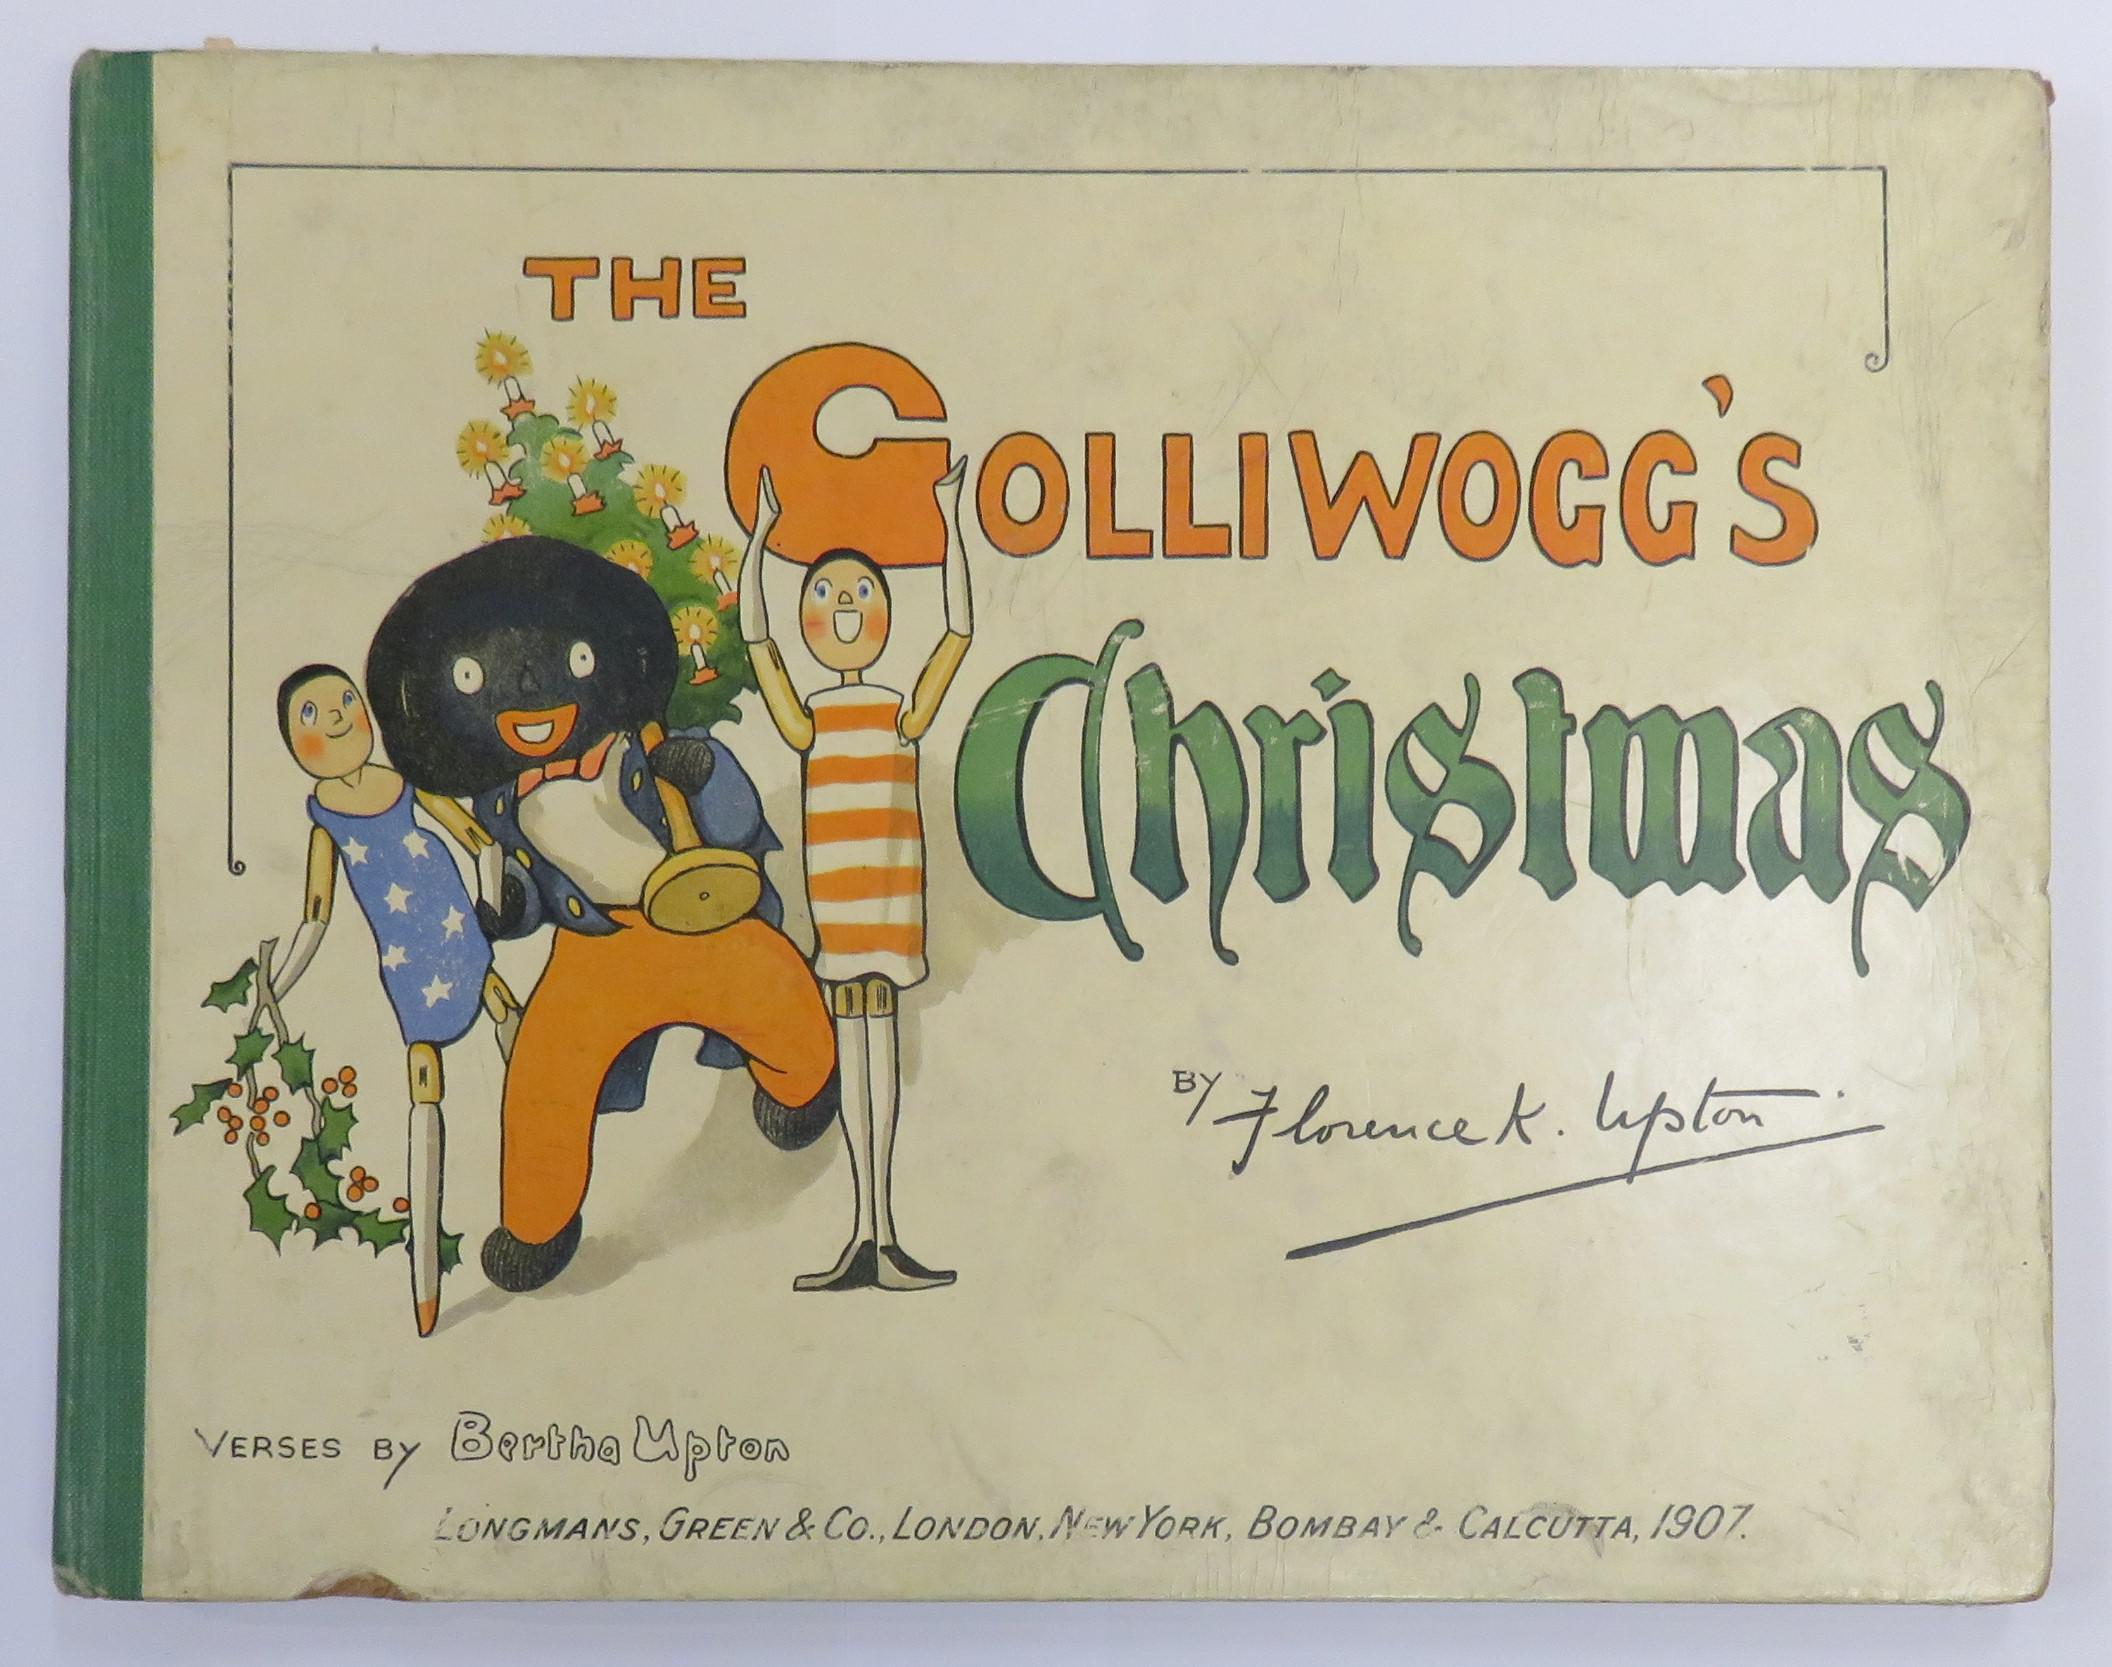 The Golliwogg's Christmas